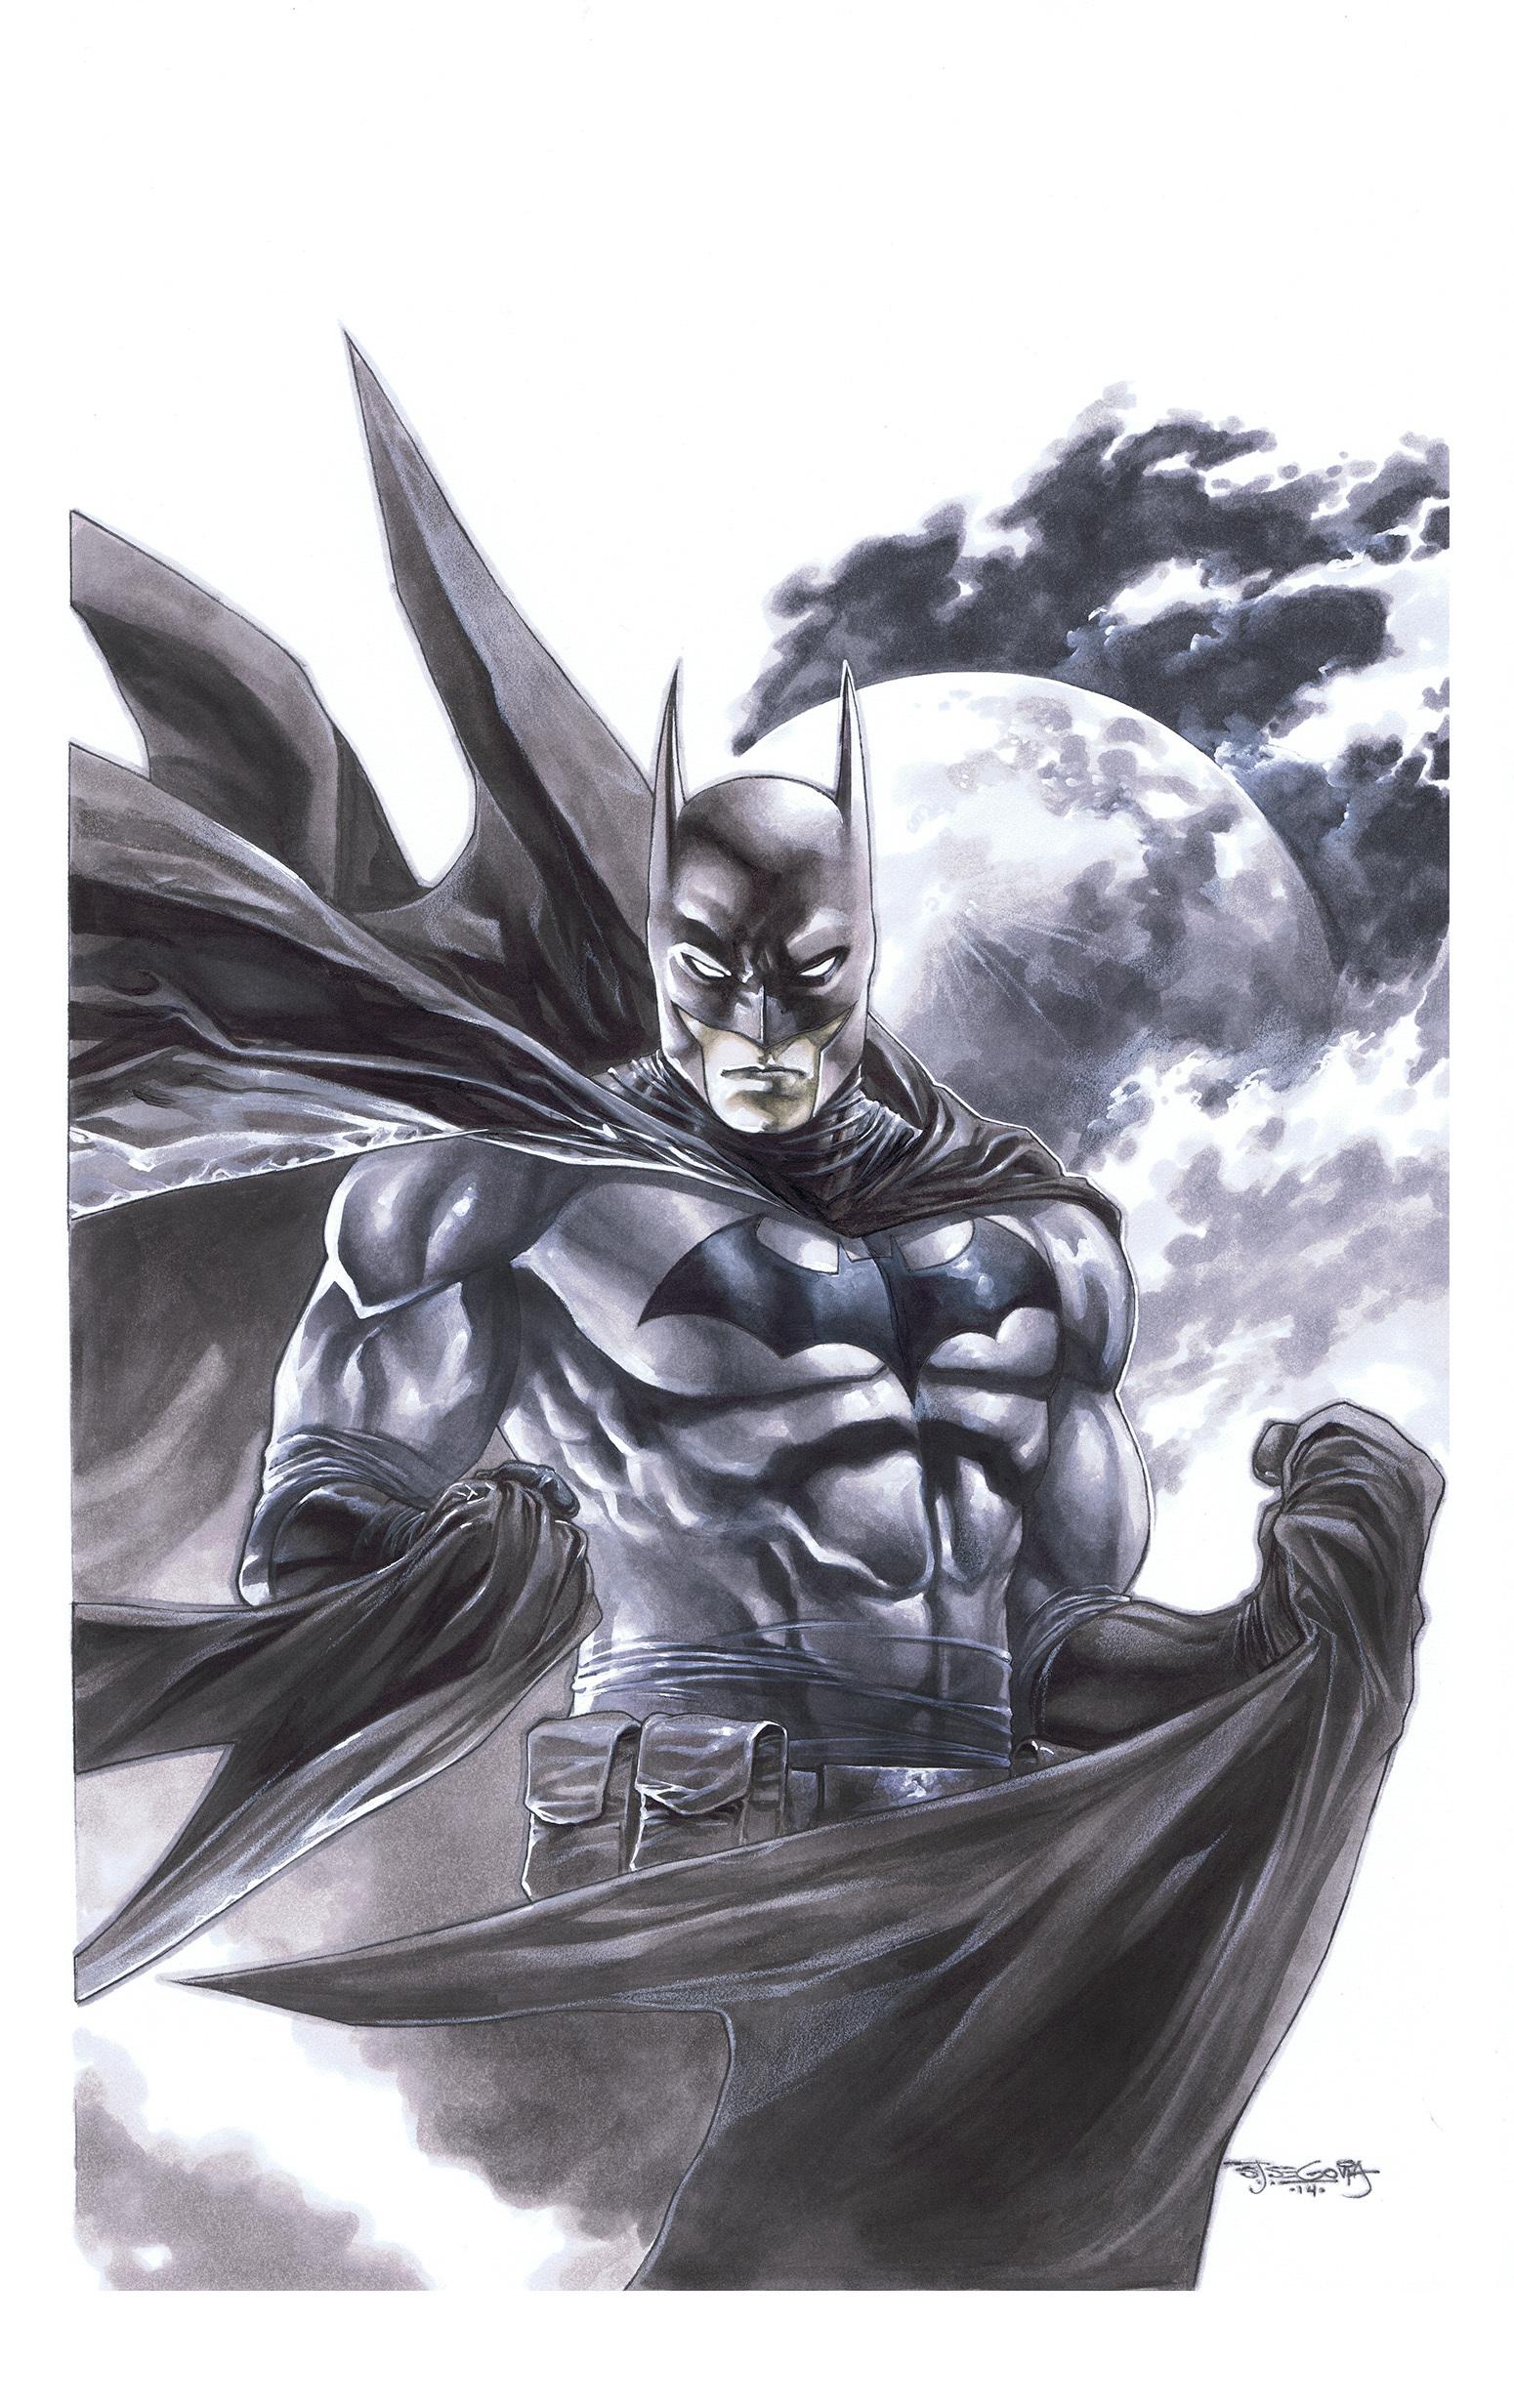 Batman_copics001.jpg